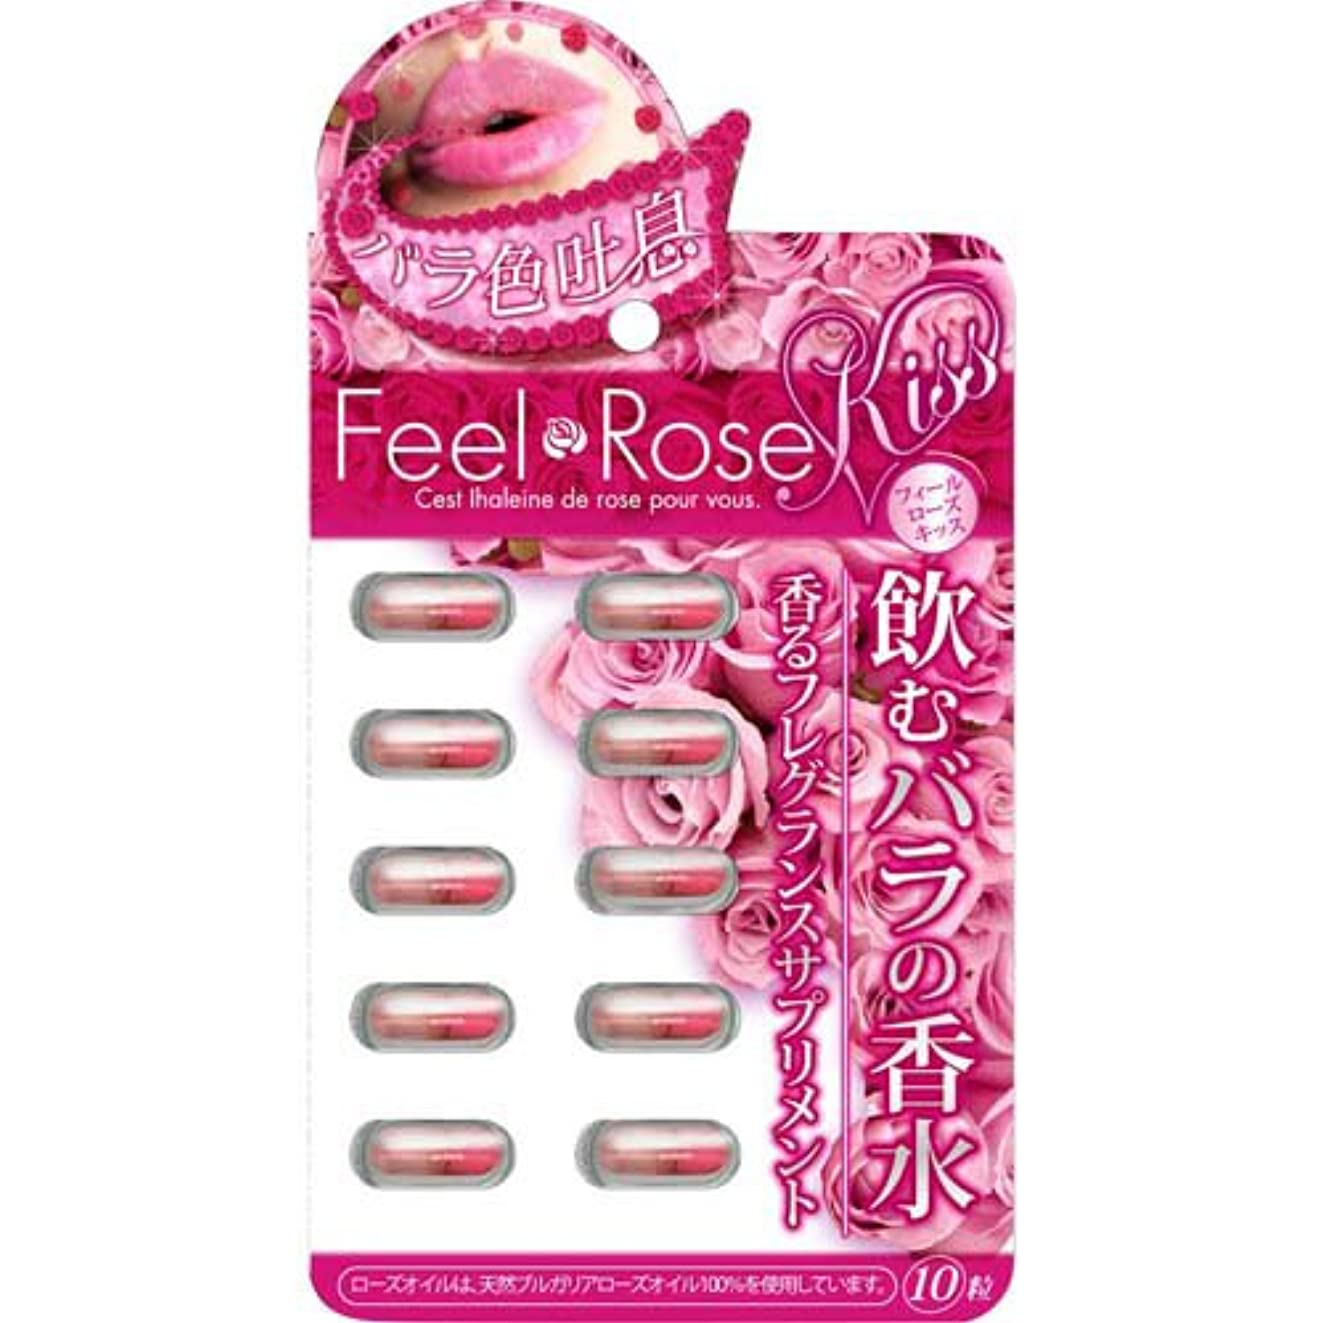 プロフィールネコボールプラセス製薬 Feel Rose Kiss(フィールローズキス) 10粒